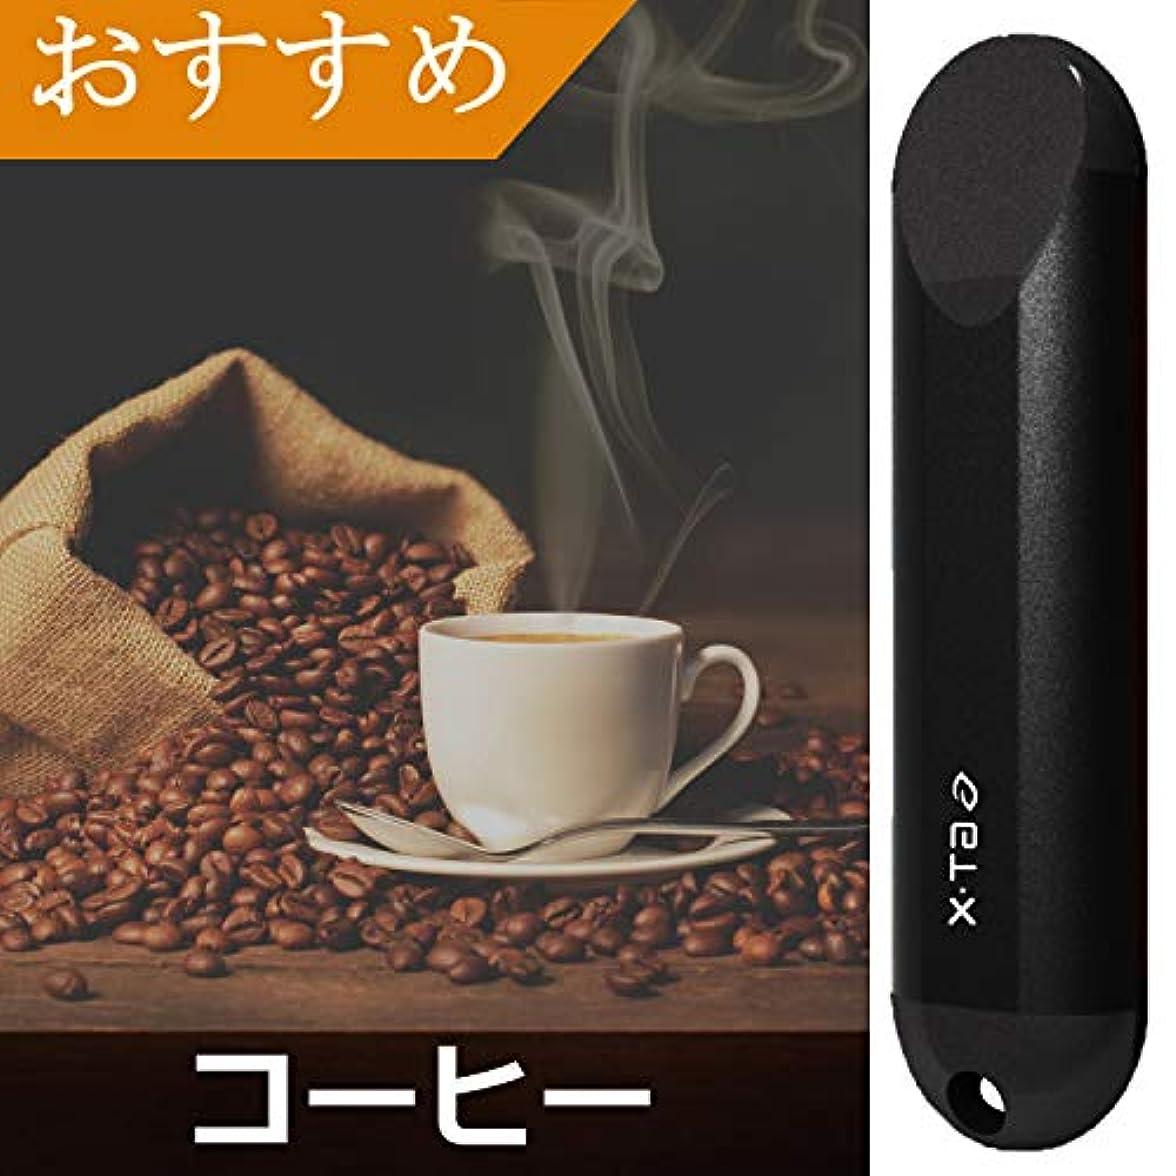 台無しに味方バイナリT98 電子タバコ 使い捨て式 コンパクト 携帯便利 自動吸引 吸引回数300回/本 初心者向け (コーヒー)